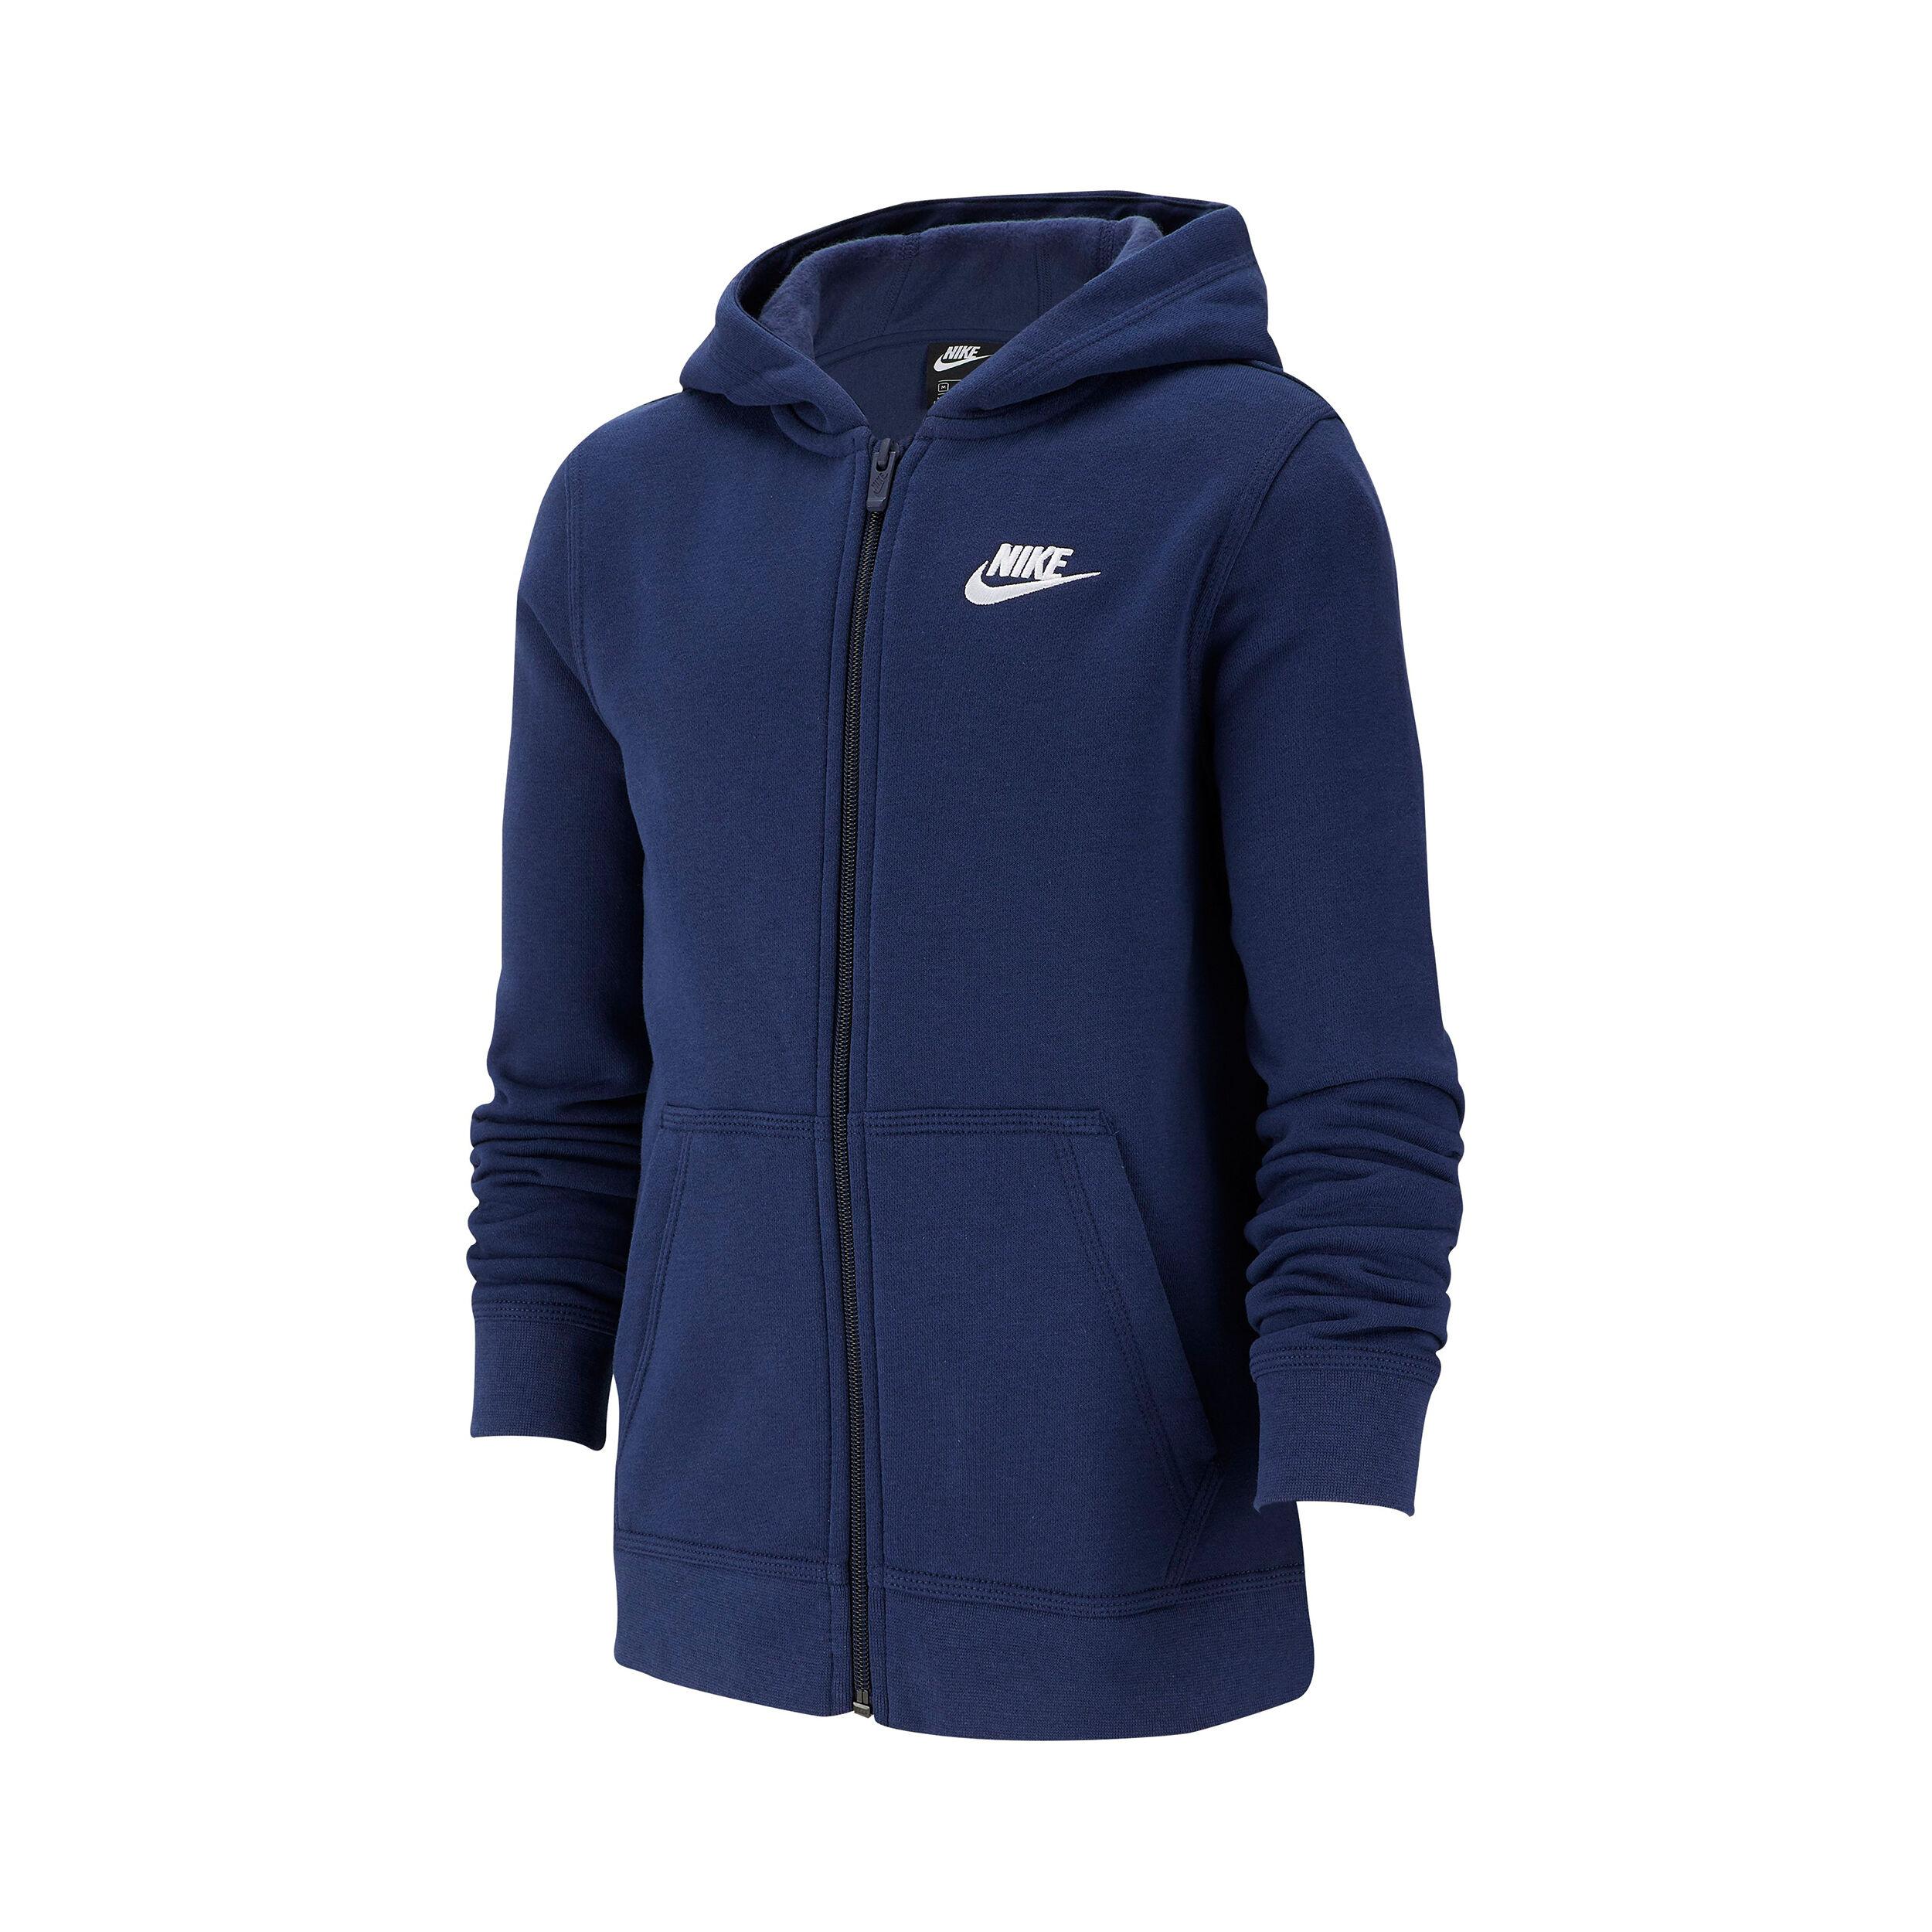 Nike Sportswear Full Zip Sweatjakke Drenge Mørkeblå, Hvid